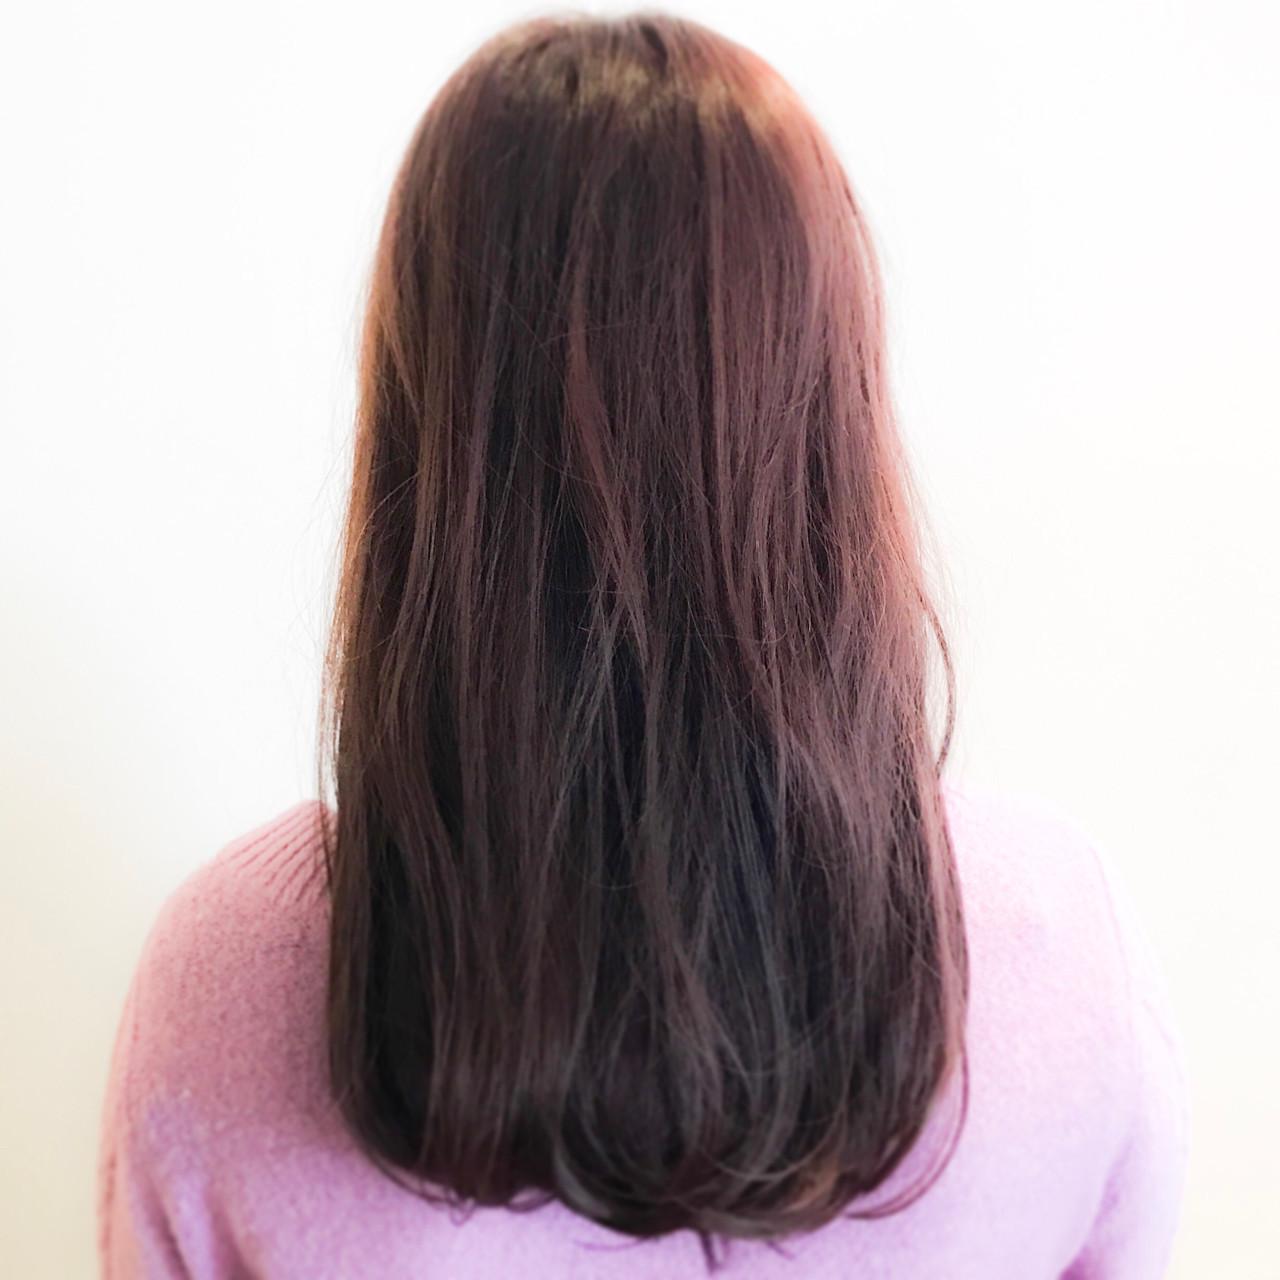 女子力 ナチュラル ロング ピンクブラウン ヘアスタイルや髪型の写真・画像